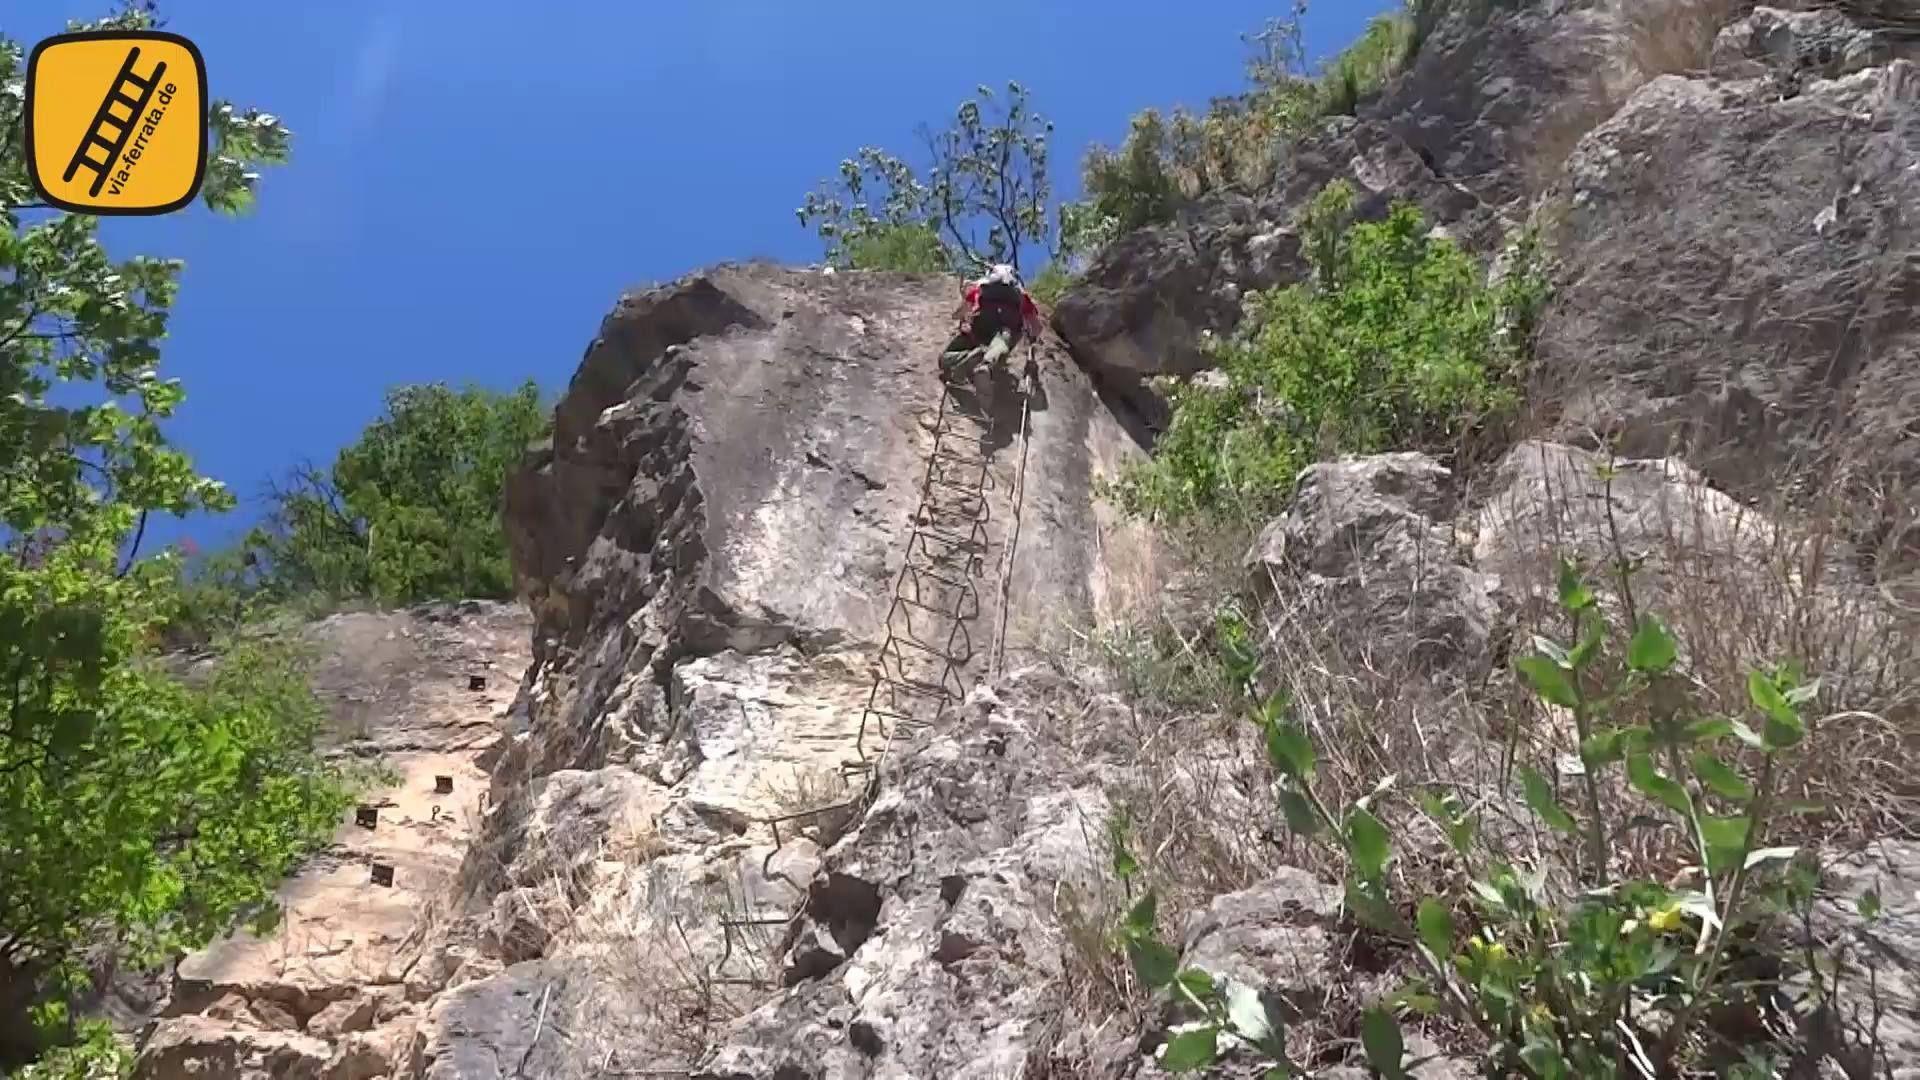 Klettersteige Gardasee : Via ferrata monte albano mori gardasee berge outdoor